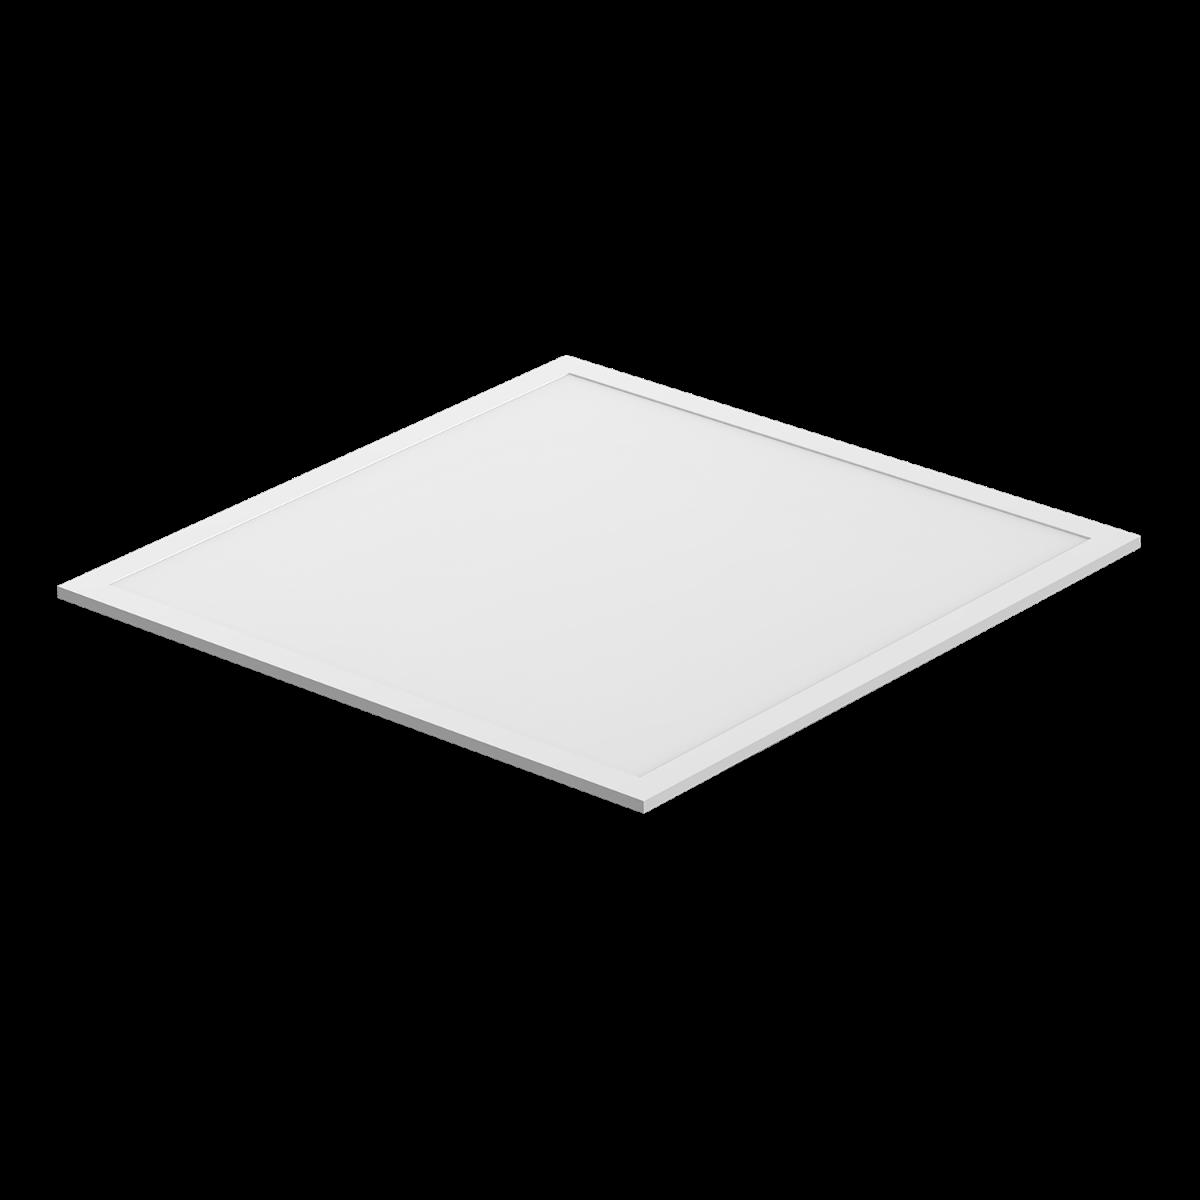 Noxion LED Panel Econox 32W 60x60cm 3000K 3900lm UGR <22   Warmweiß - Ersatz für 4x18W